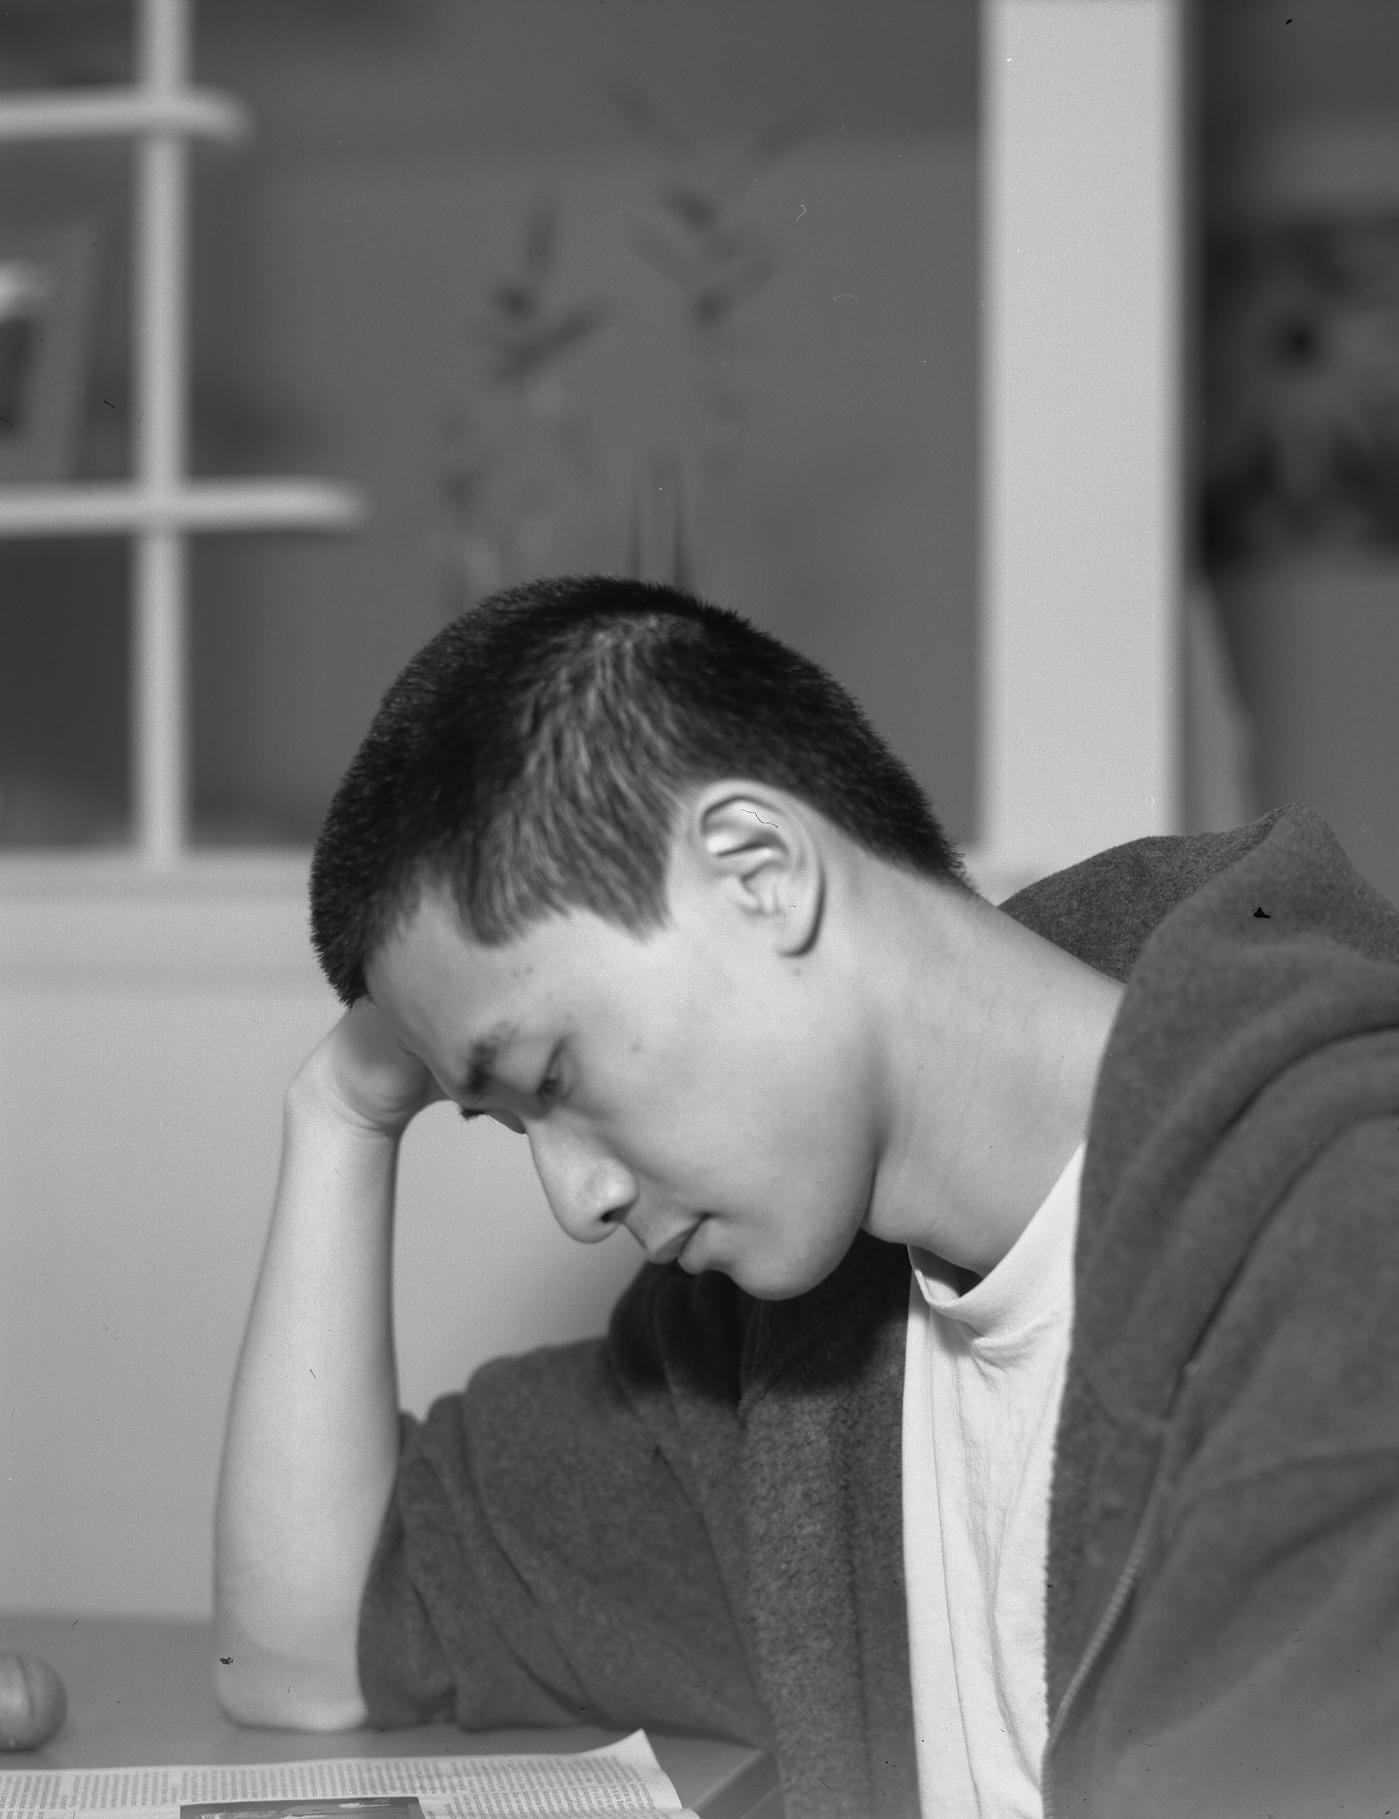 Mr. Ken Liu's profile picture